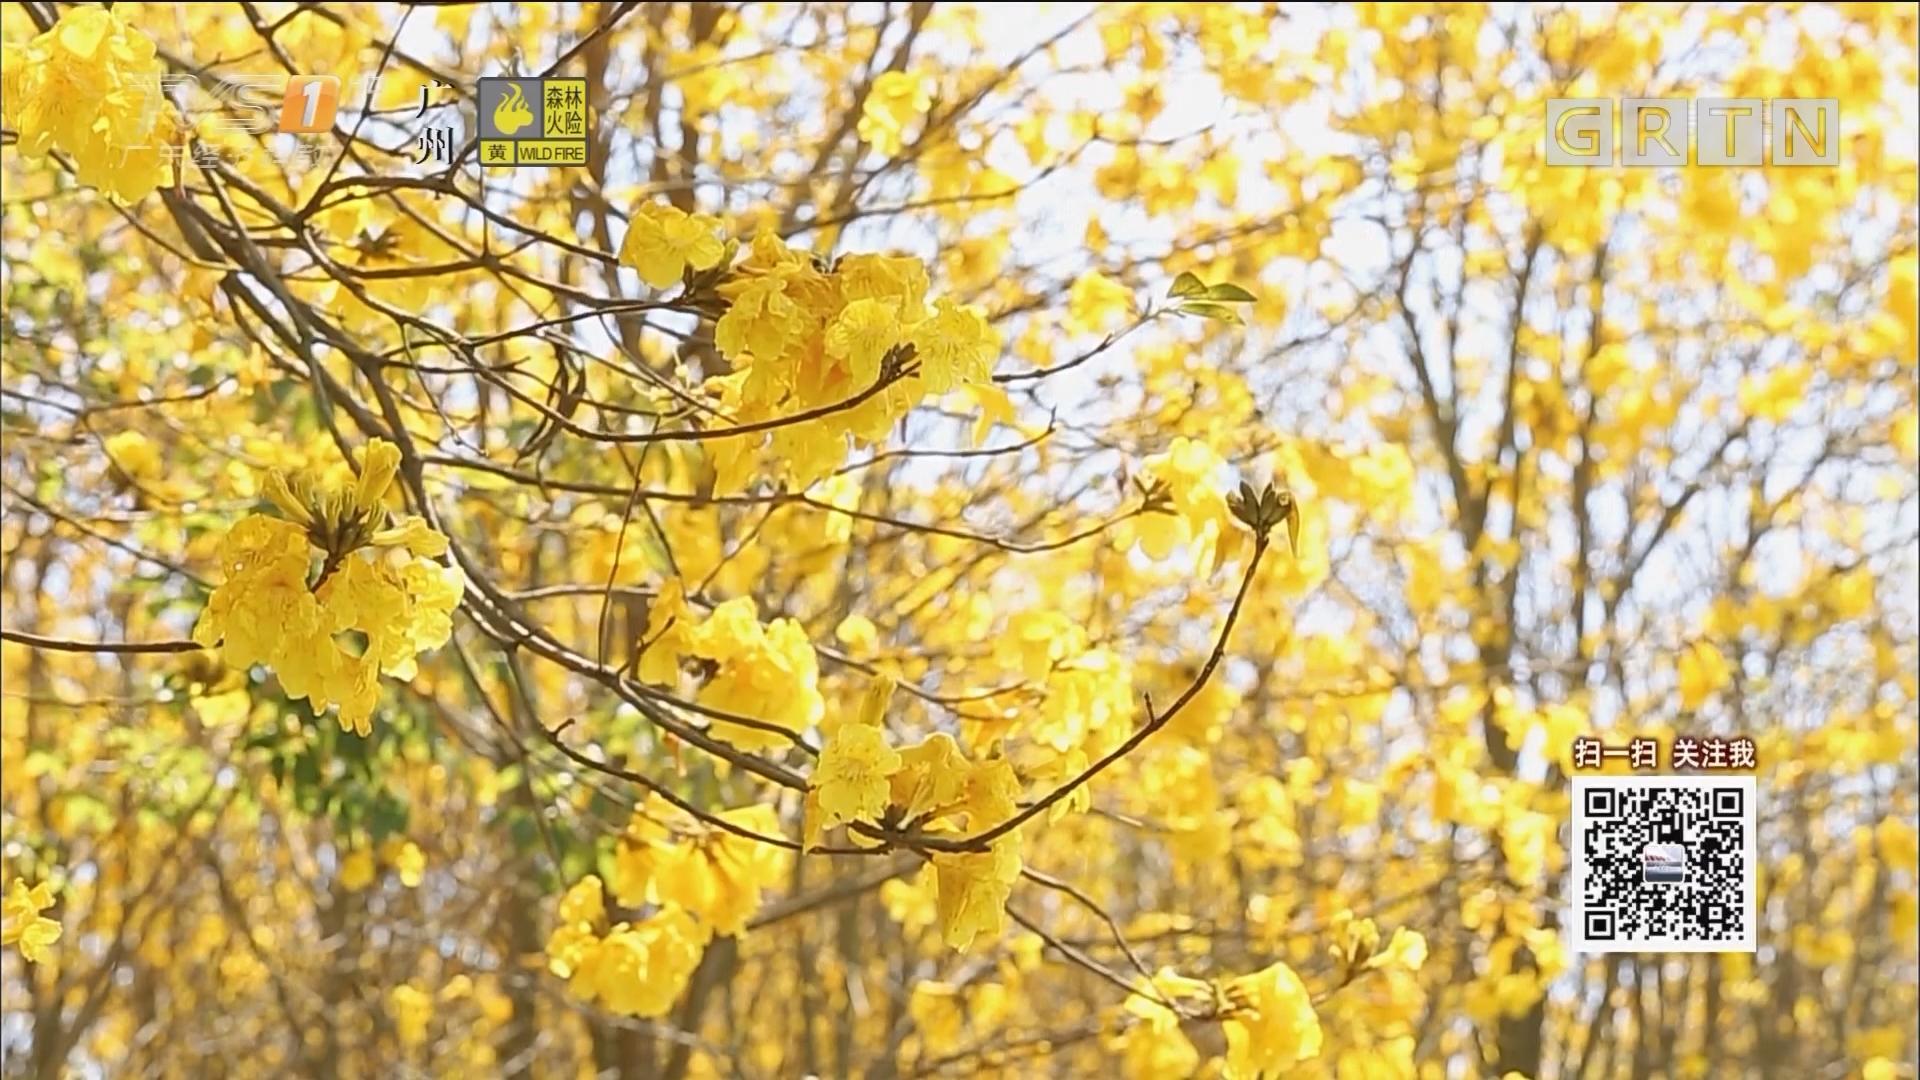 德庆:黄花风铃始盛开 满山尽带黄金甲